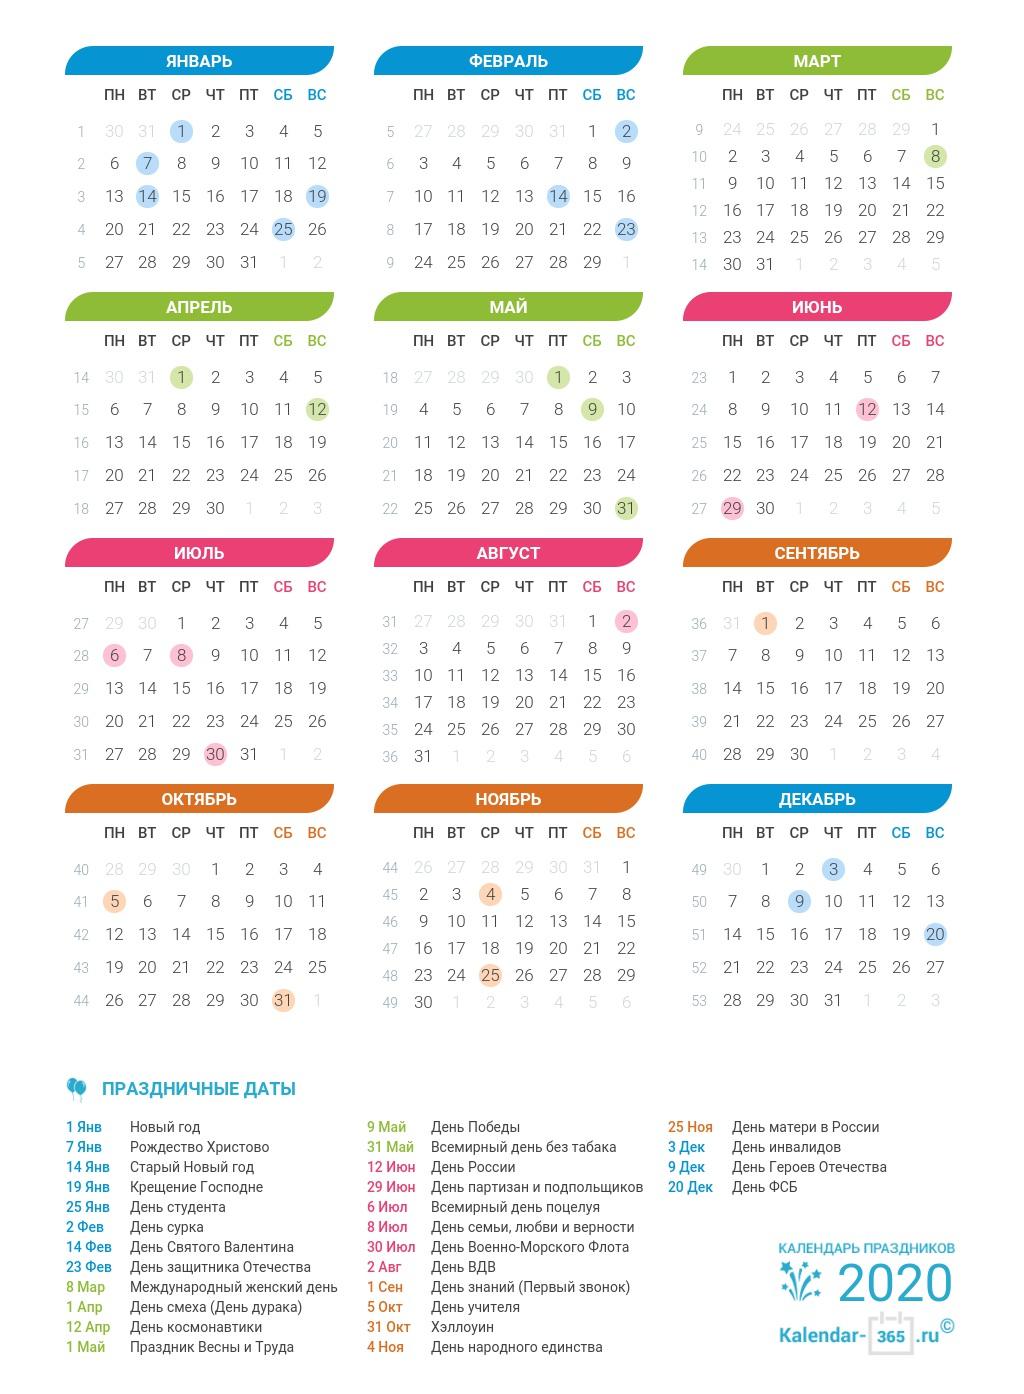 Календарь На Май 2020 Года pertaining to Kalendar Kuda May 2020